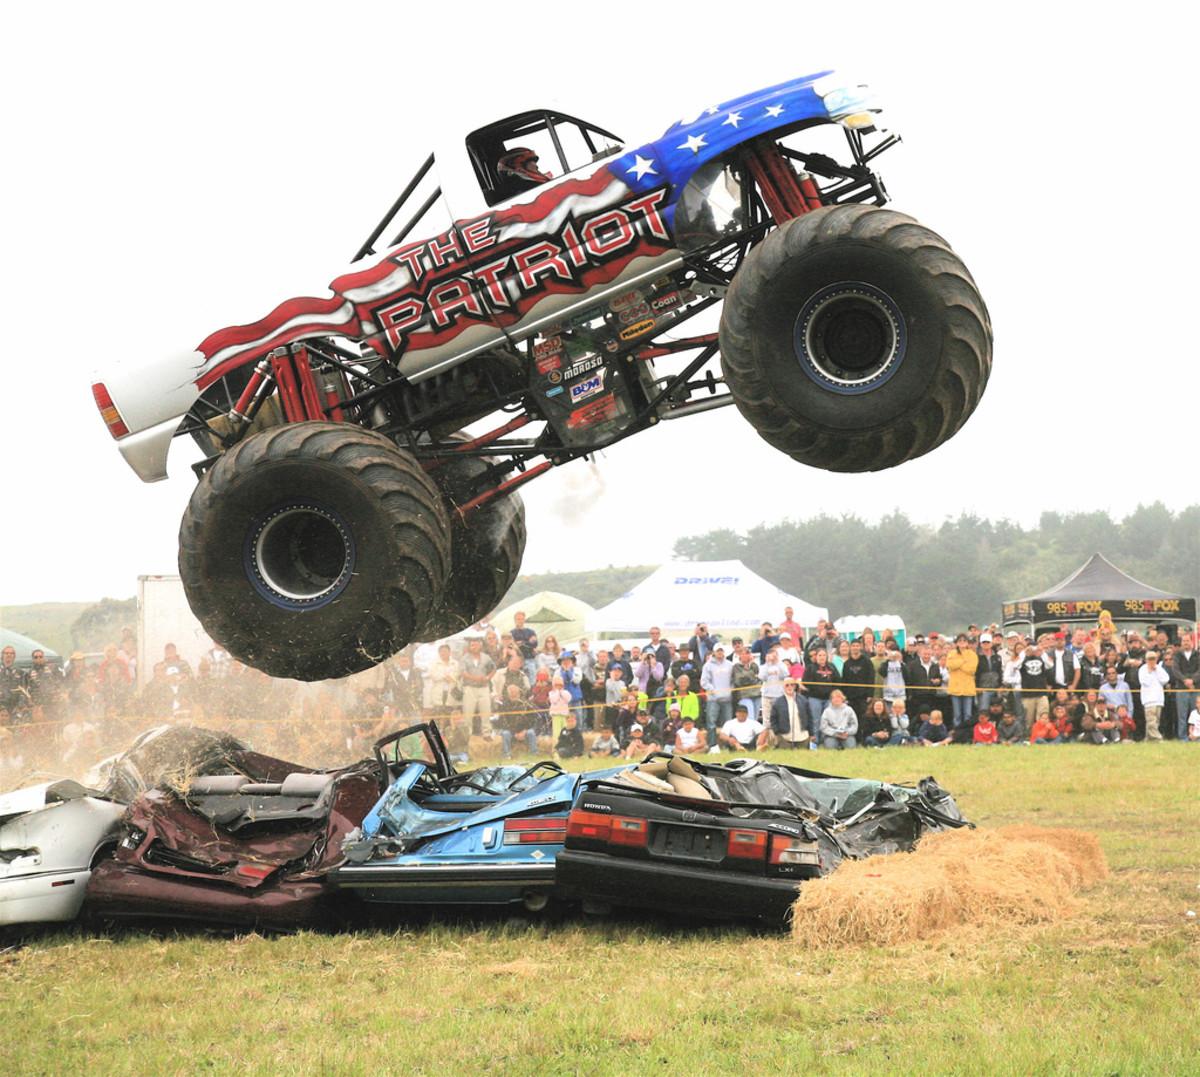 Trucks: The Bigger the Better?